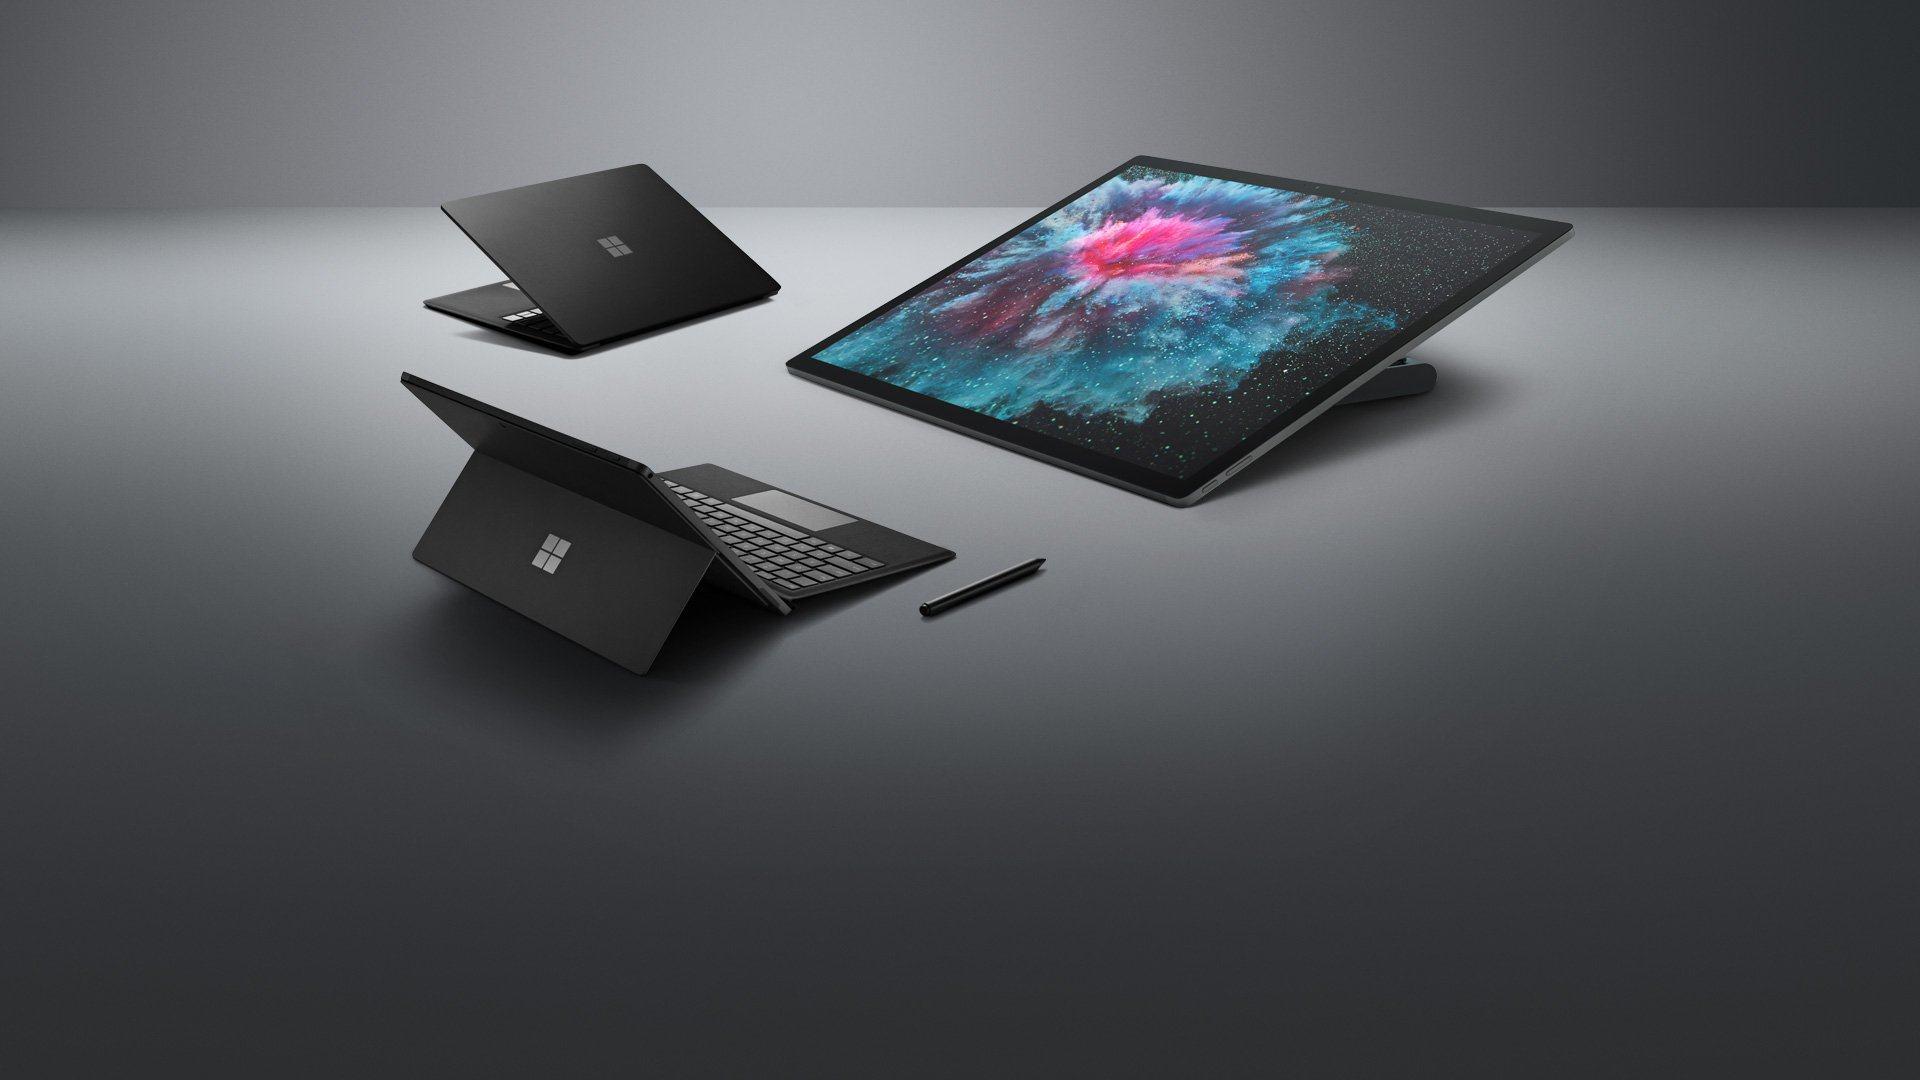 Đánh giá Surface Pro 6: Đầy Bất Ngờ Sau 30 Ngày Trải Nghiệm 2